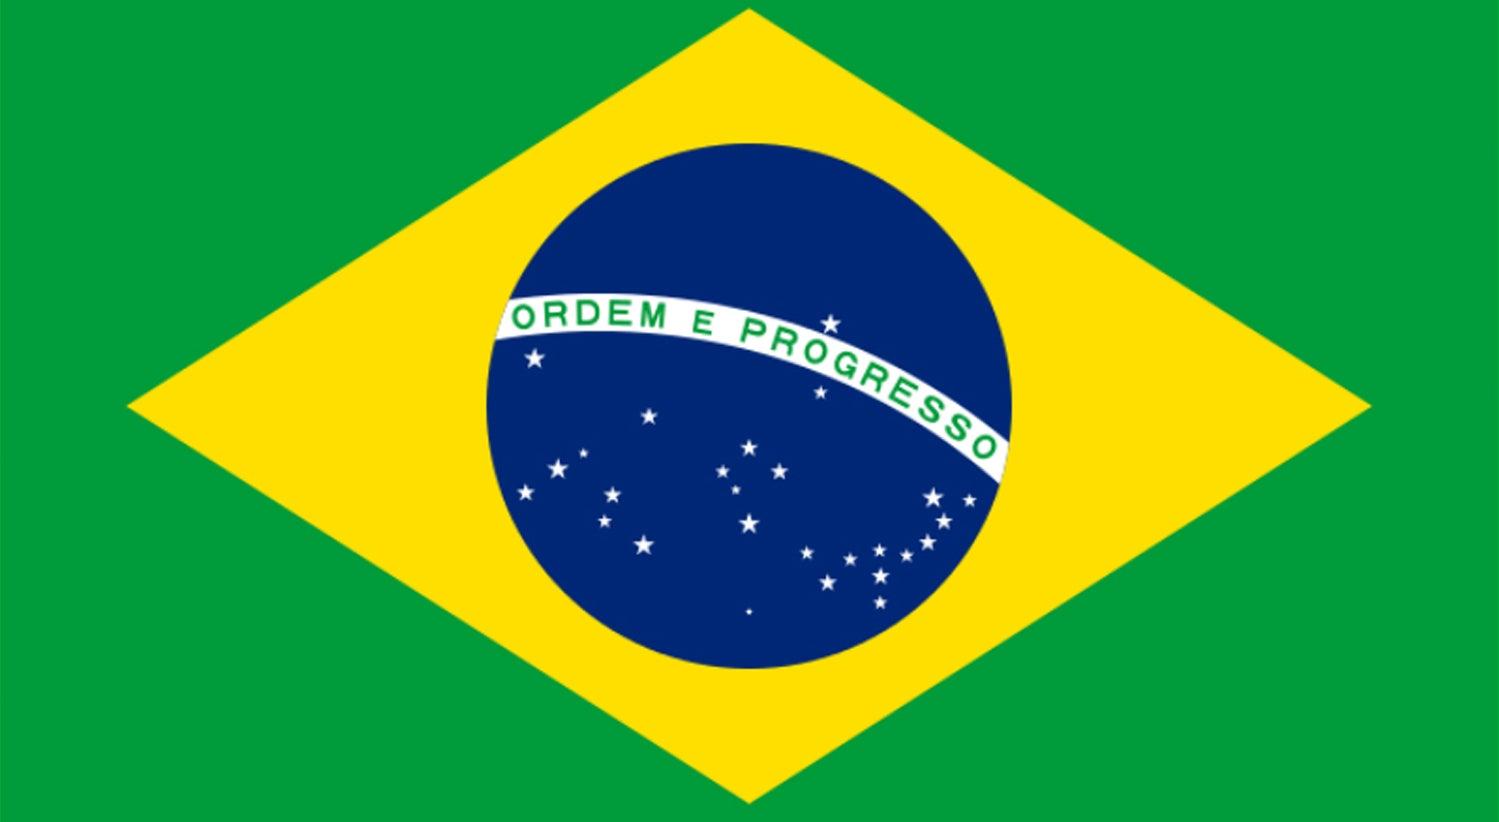 Mundo - Nações Unidas em português